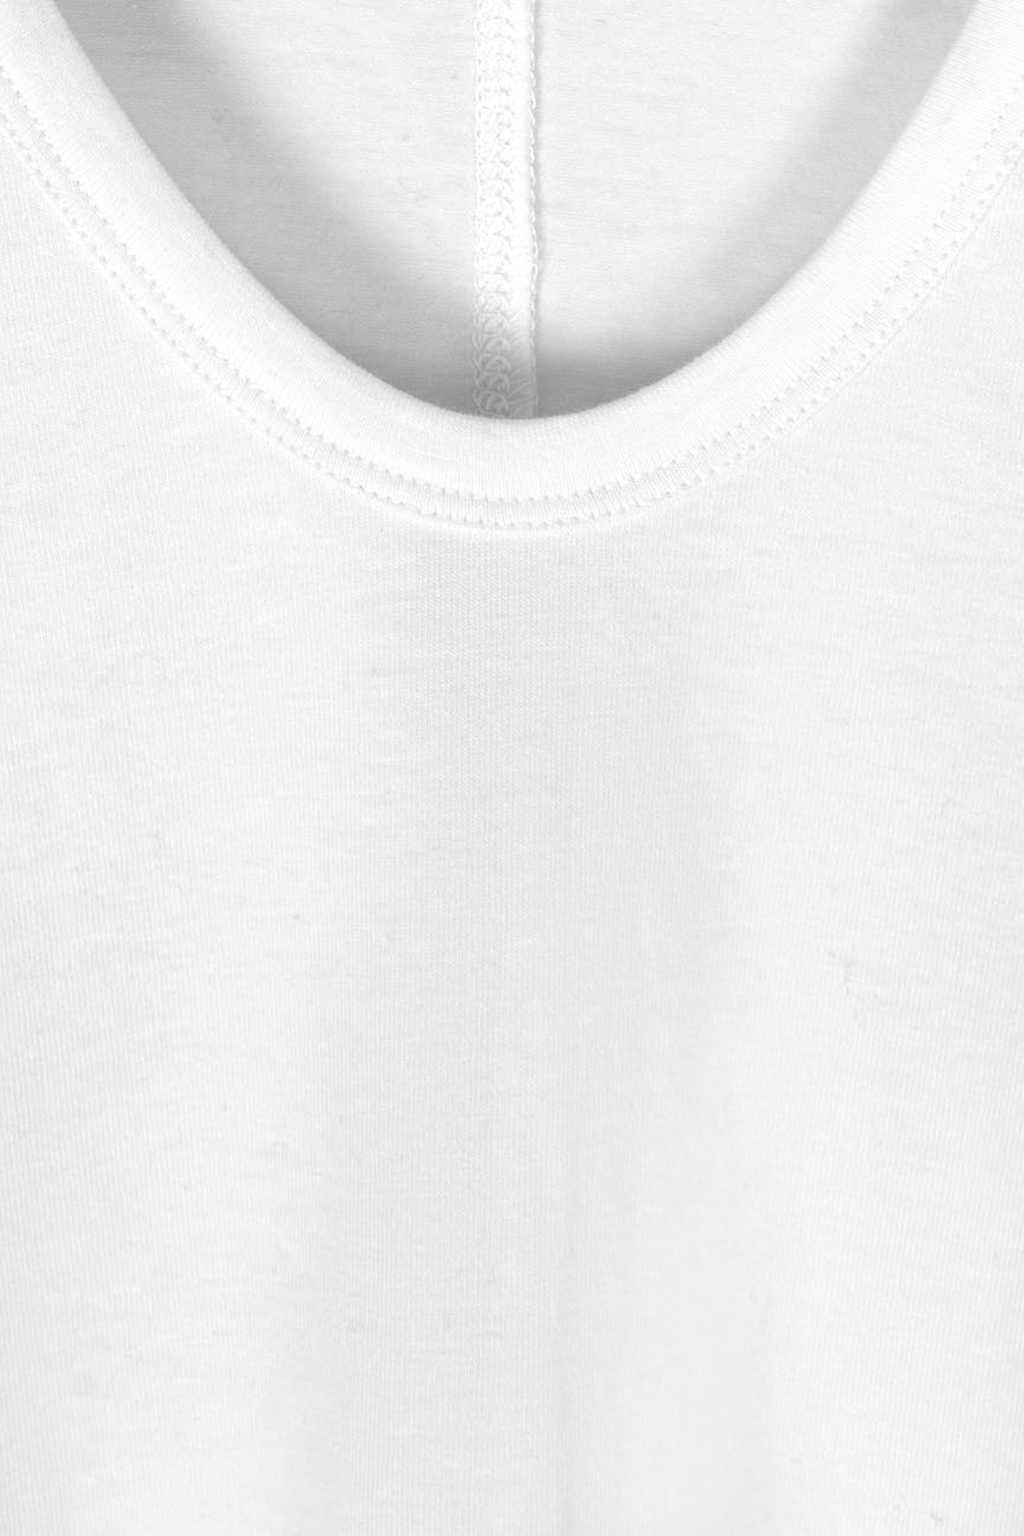 TShirt 1538 White 10